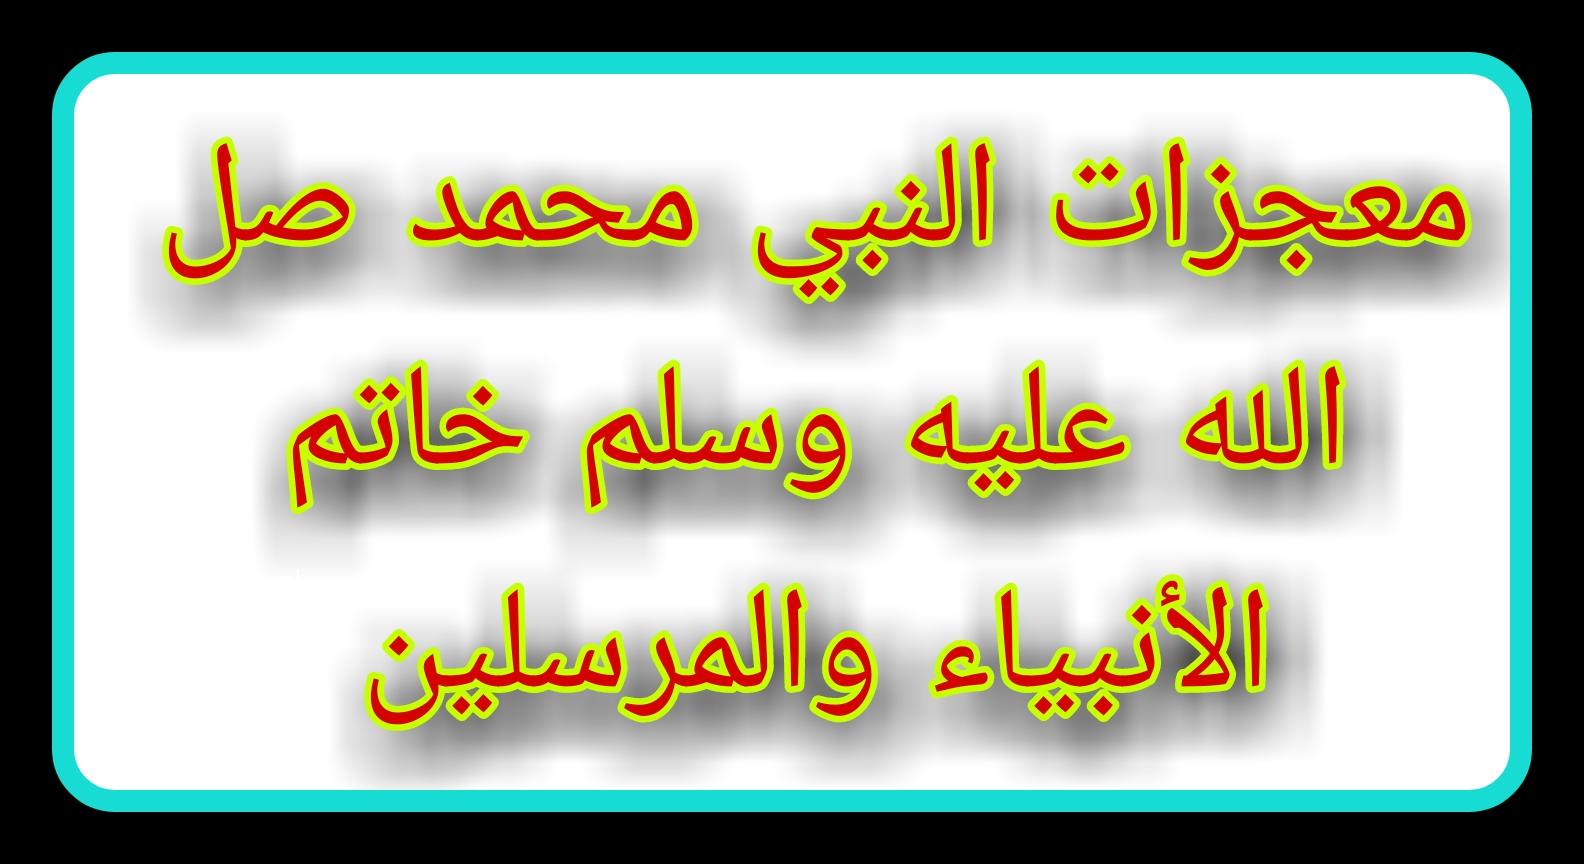 معجزات النبي محمد صلى وسلم | معجزات الرسول الكريم